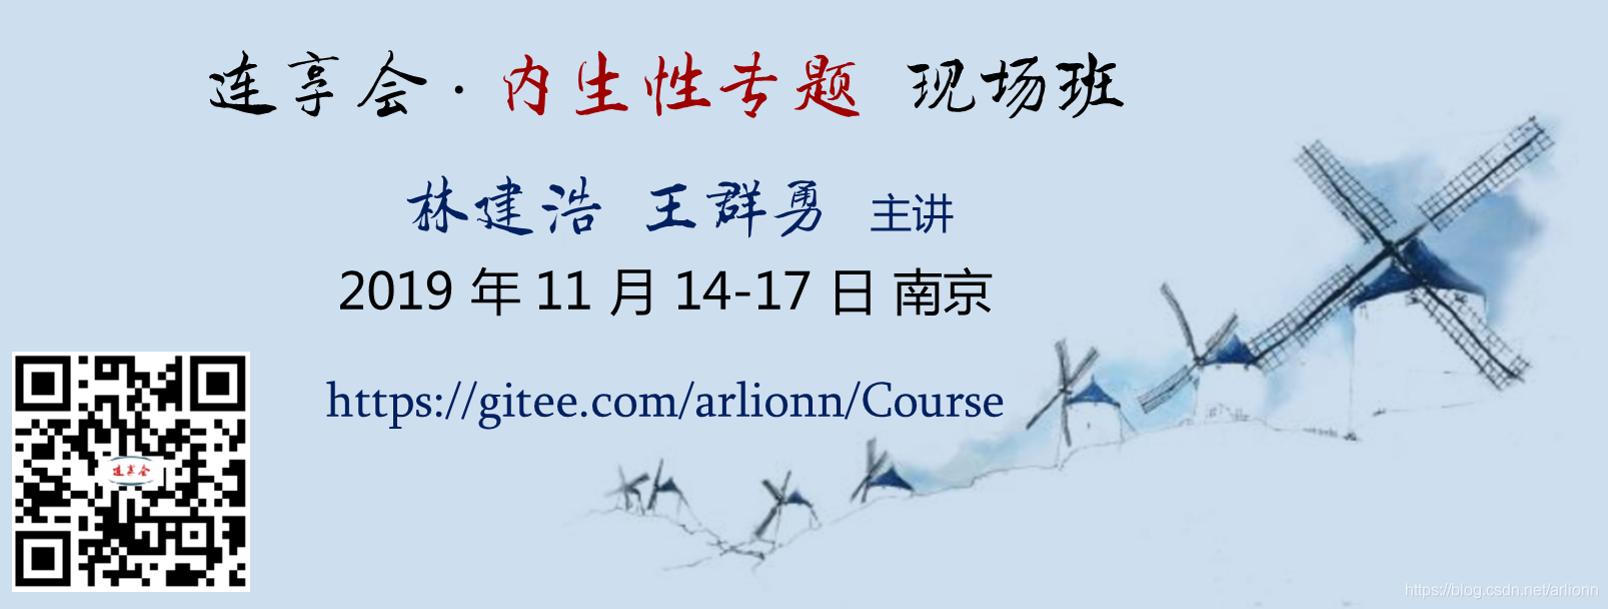 连享会-内生性专题现场班-2019.11.14-17